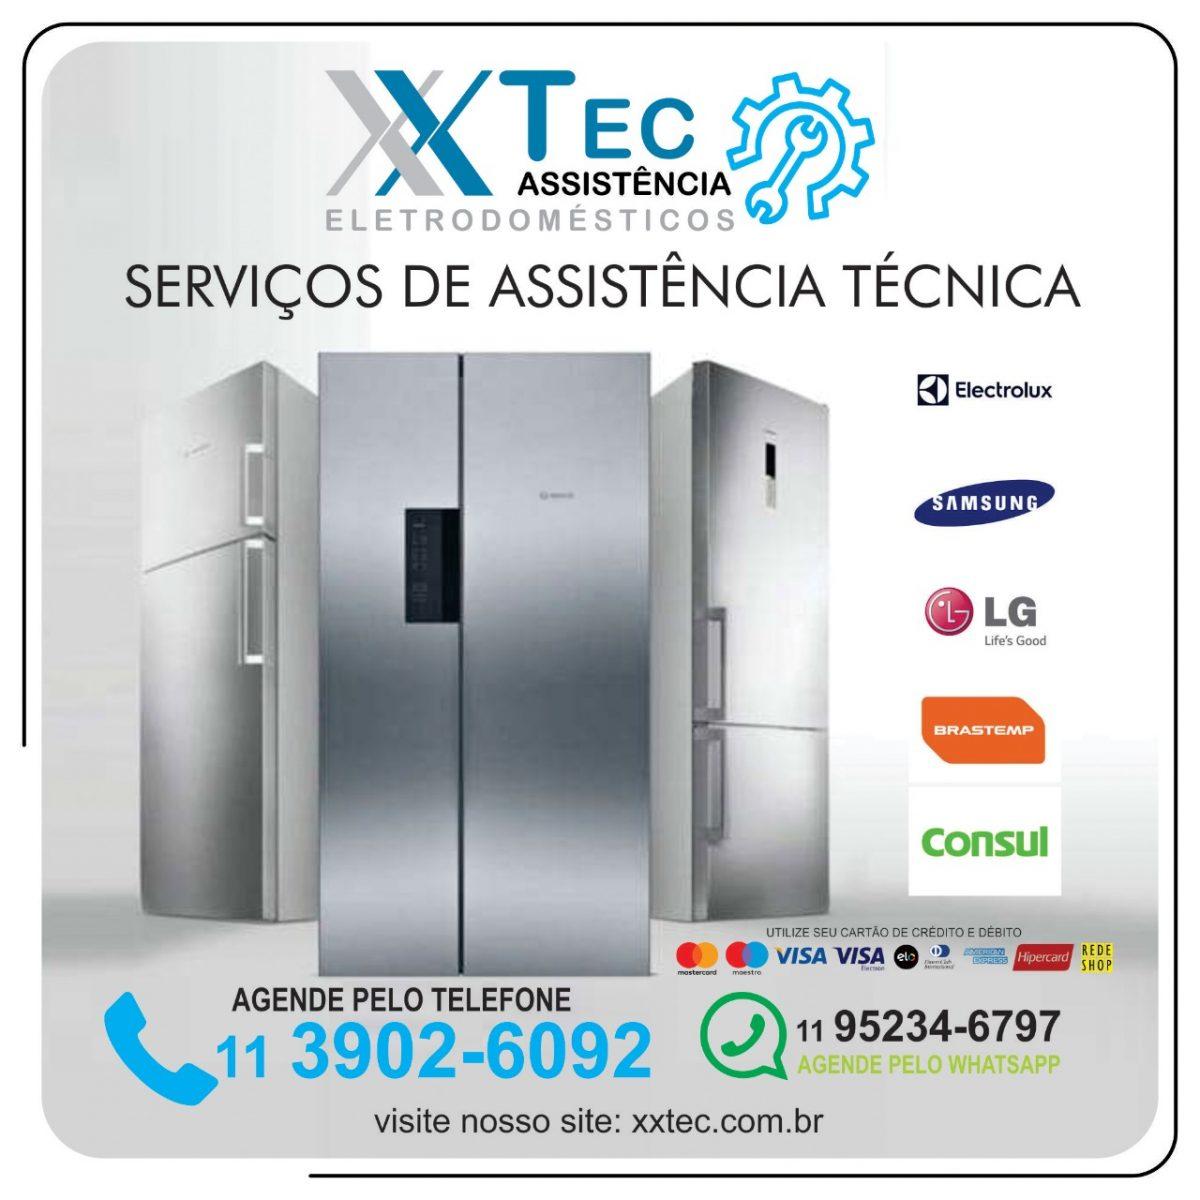 xxtec.com.br-refrigeradores